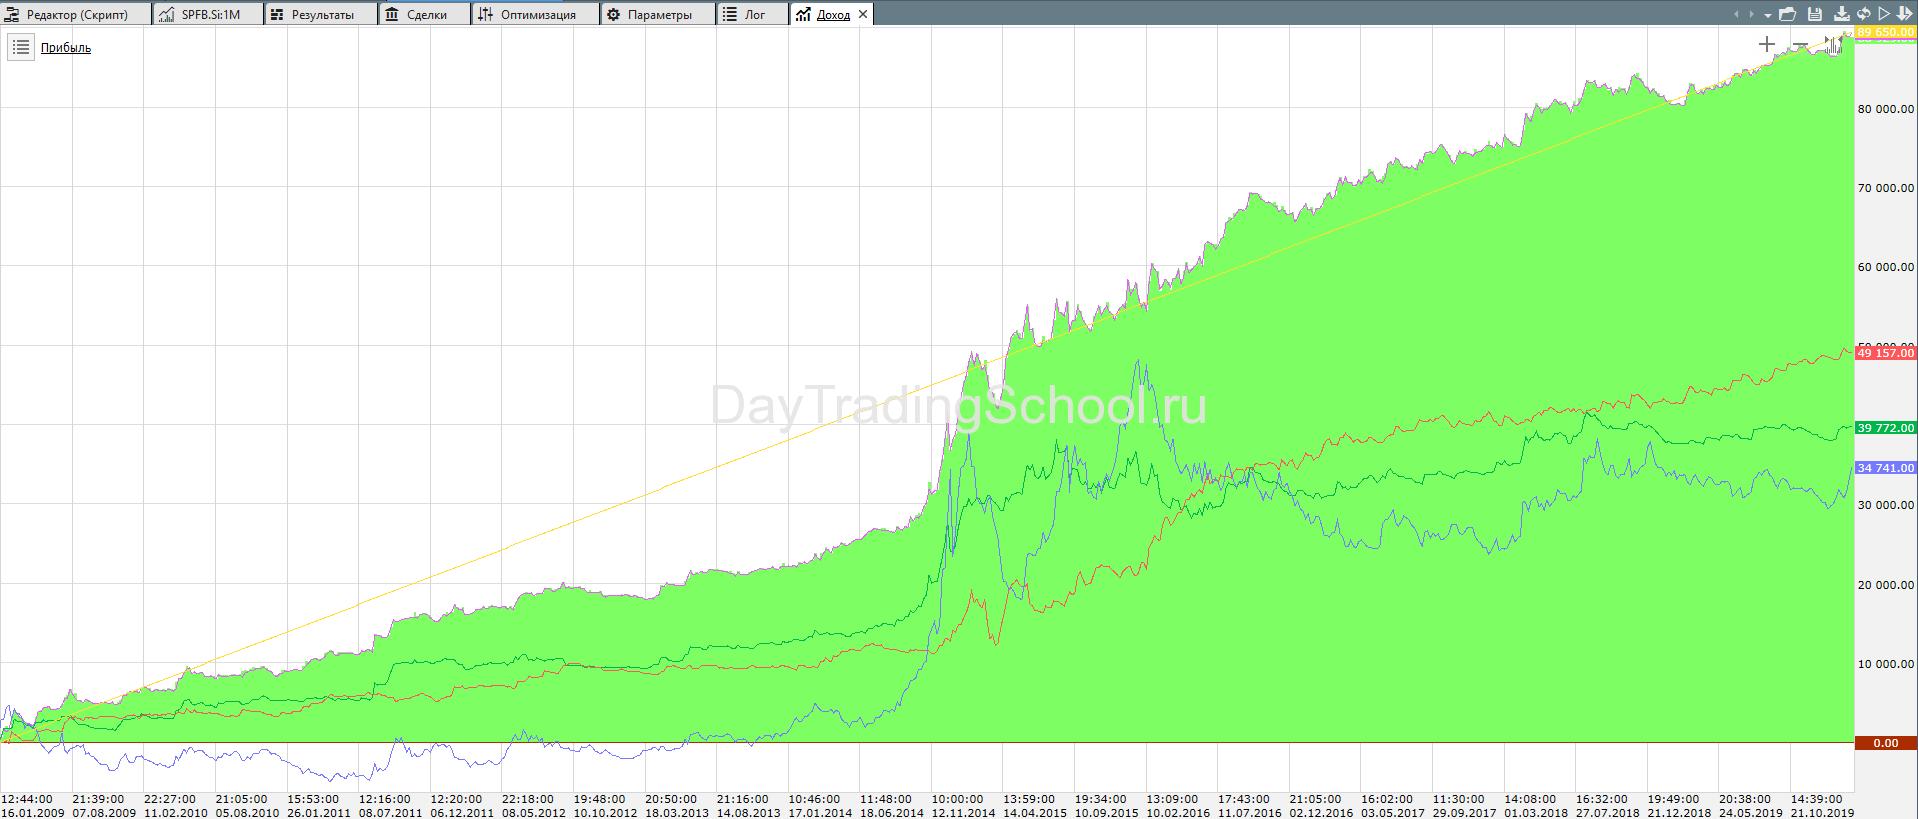 скай-лайн-график-дох-2009-2020